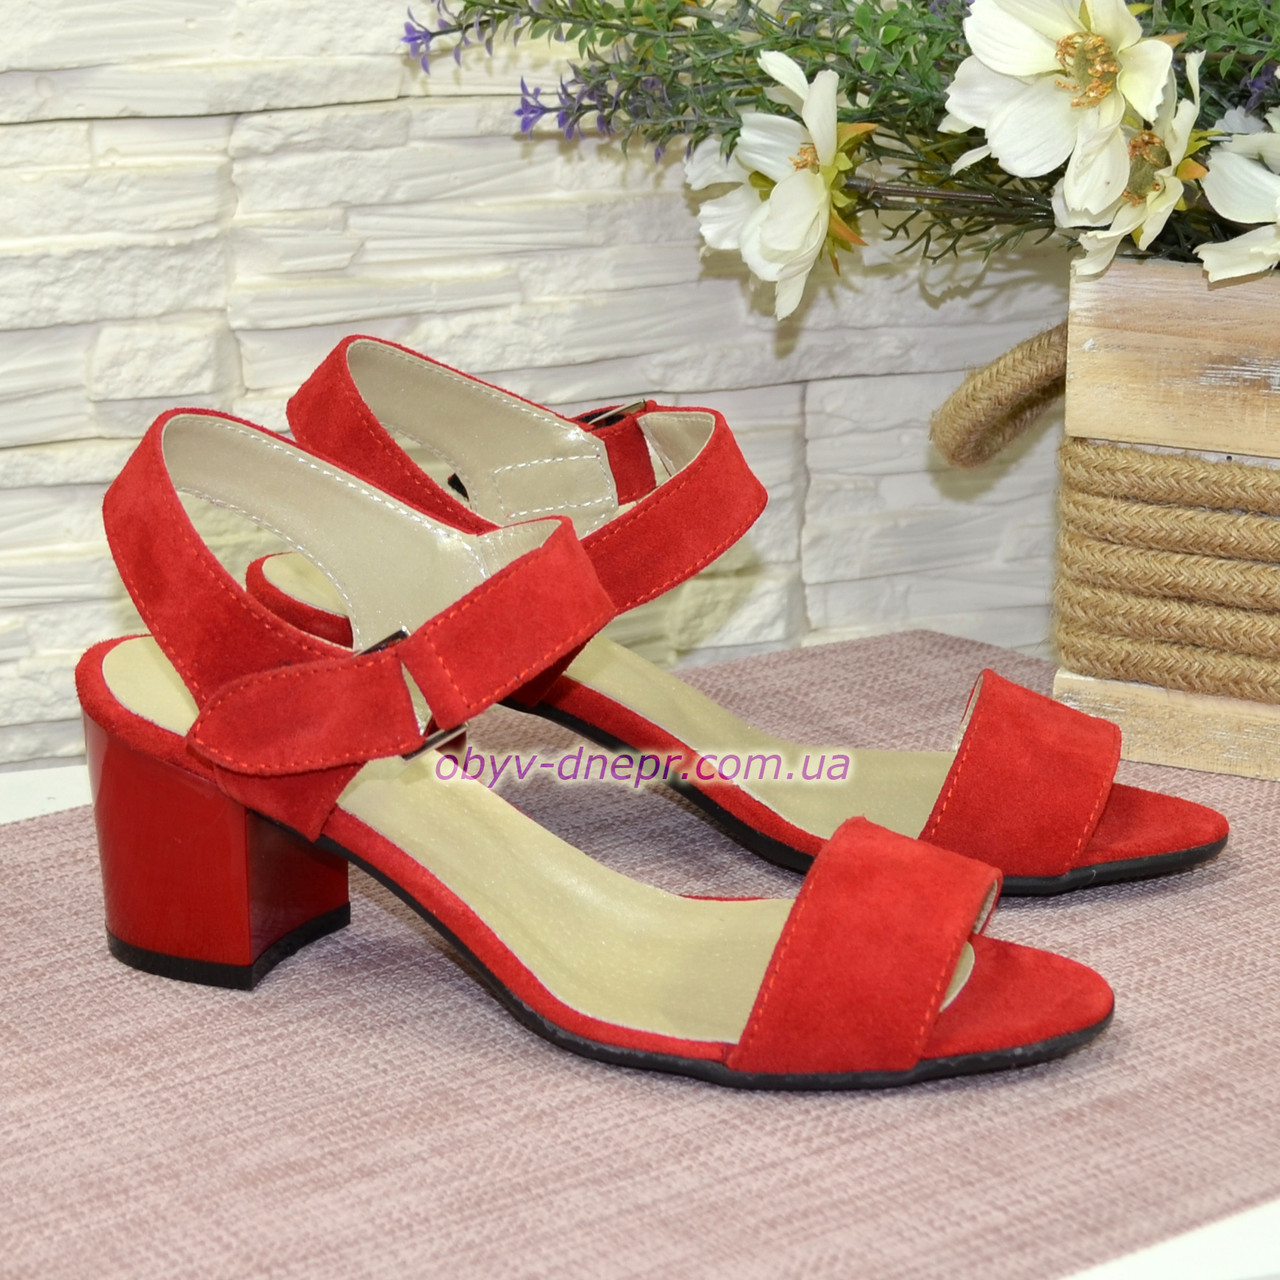 Женские замшевые босоножки на невысоком каблуке, цвет красный